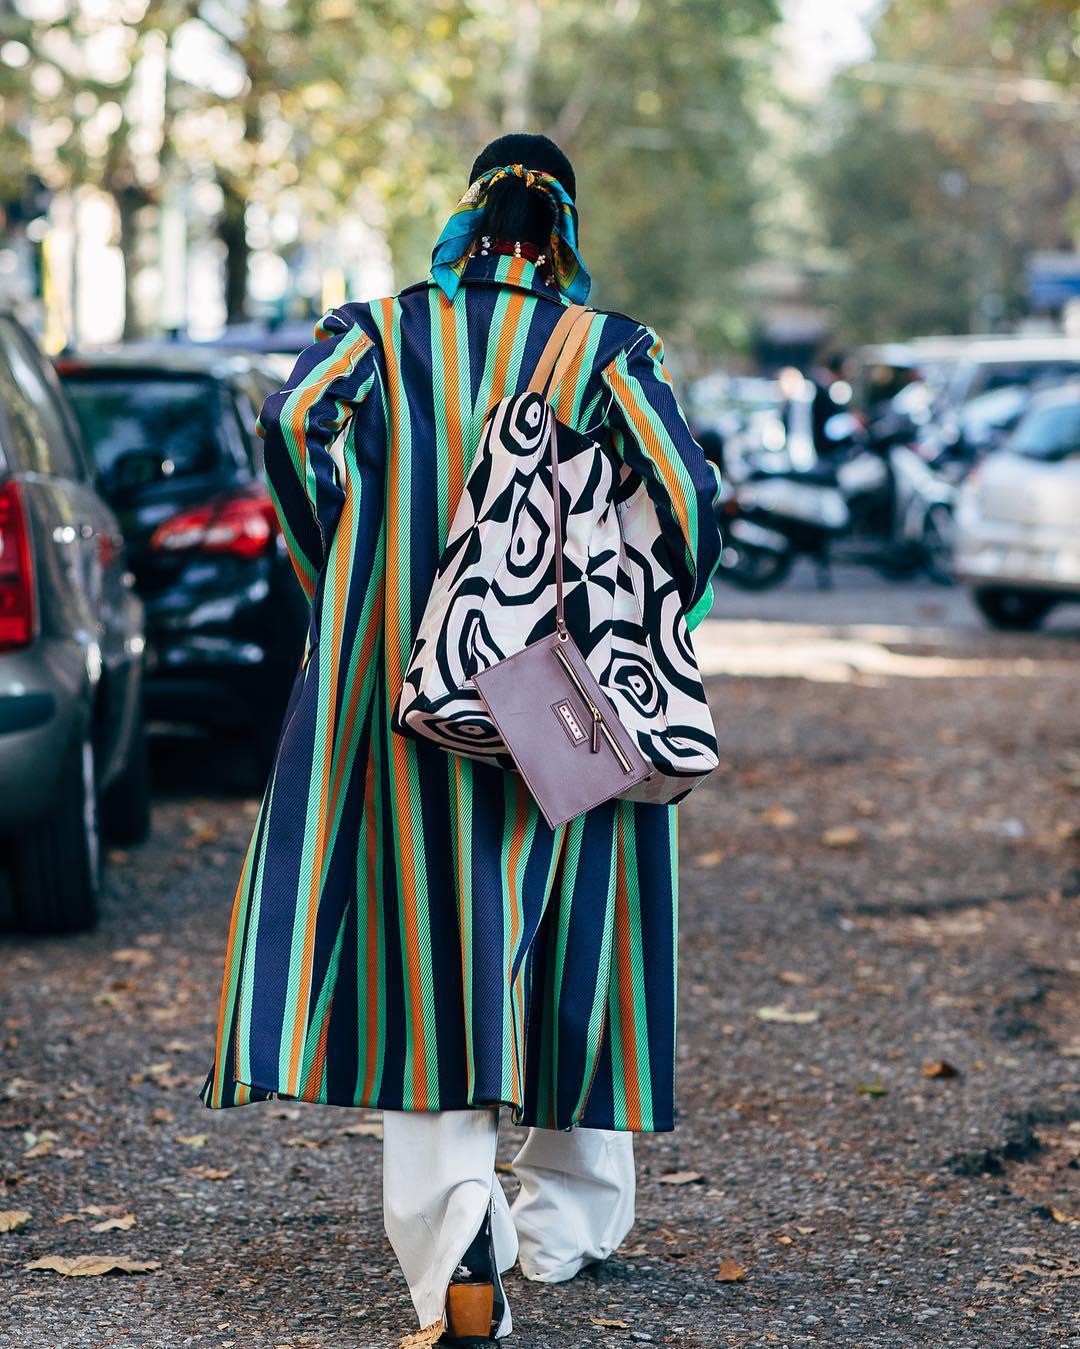 Women walking down the street in a long striped coat